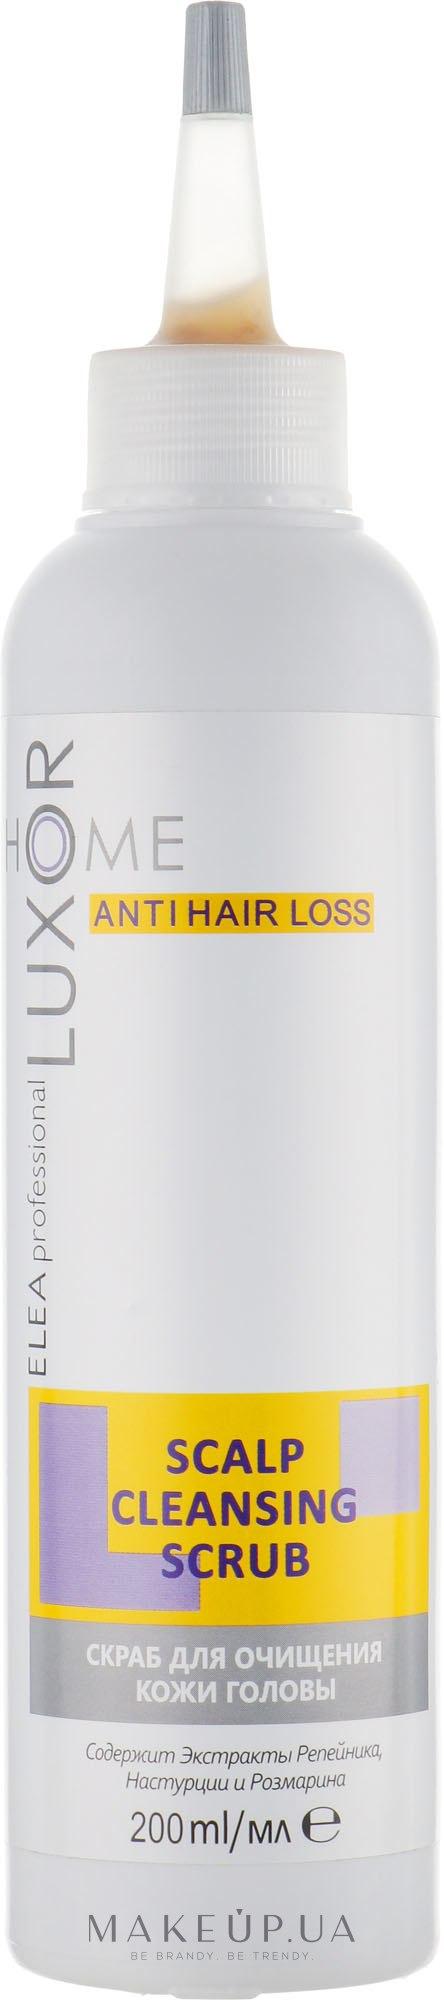 Скраб для очищення шкіри голови - Elea Professional Luxor Home — фото 200ml